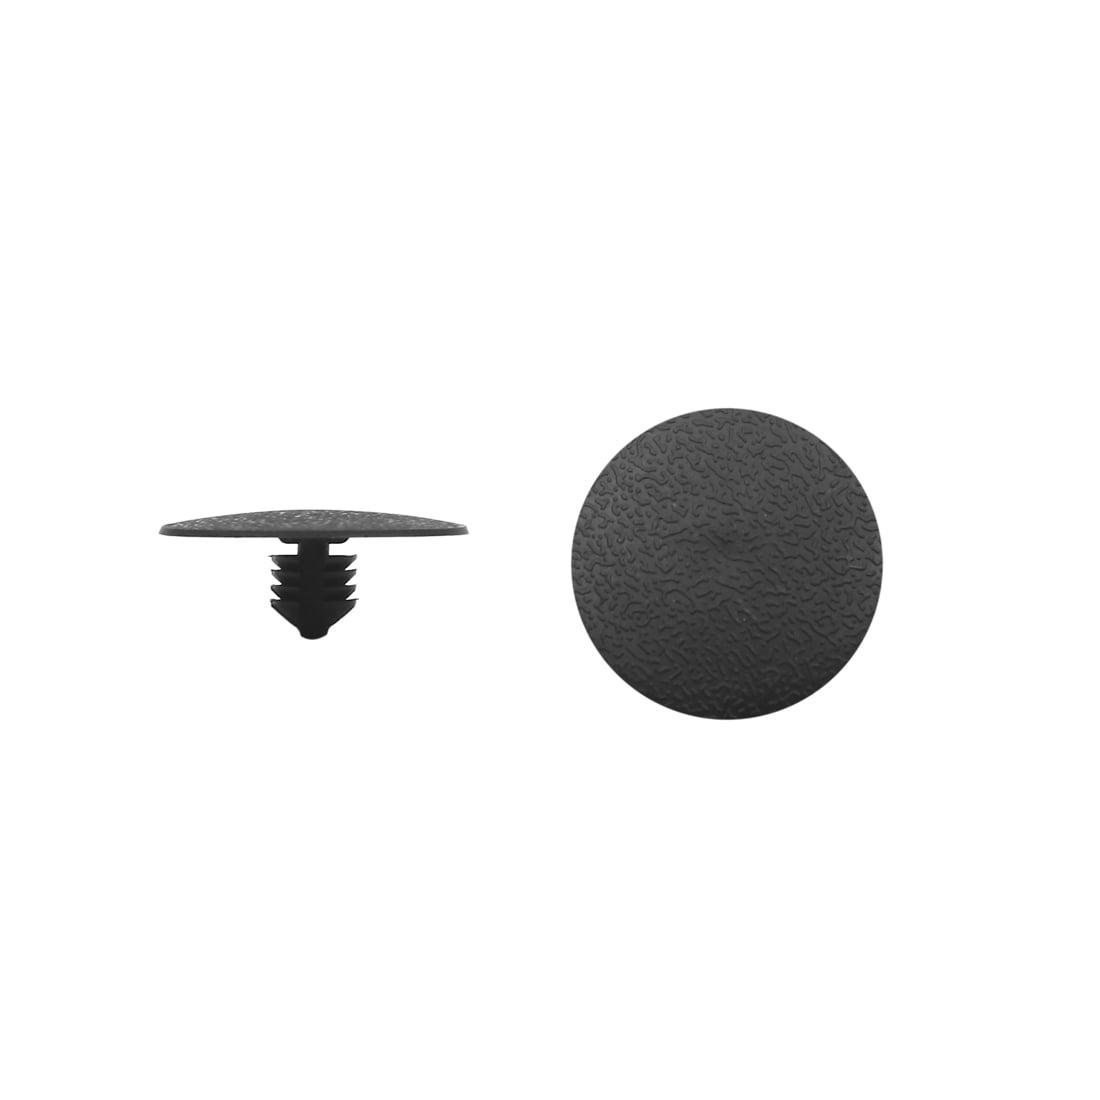 100Pcs 8mm Hole Dia Automobile Car Door Bumper Fender Plastic Rivets Fasteners - image 2 de 2